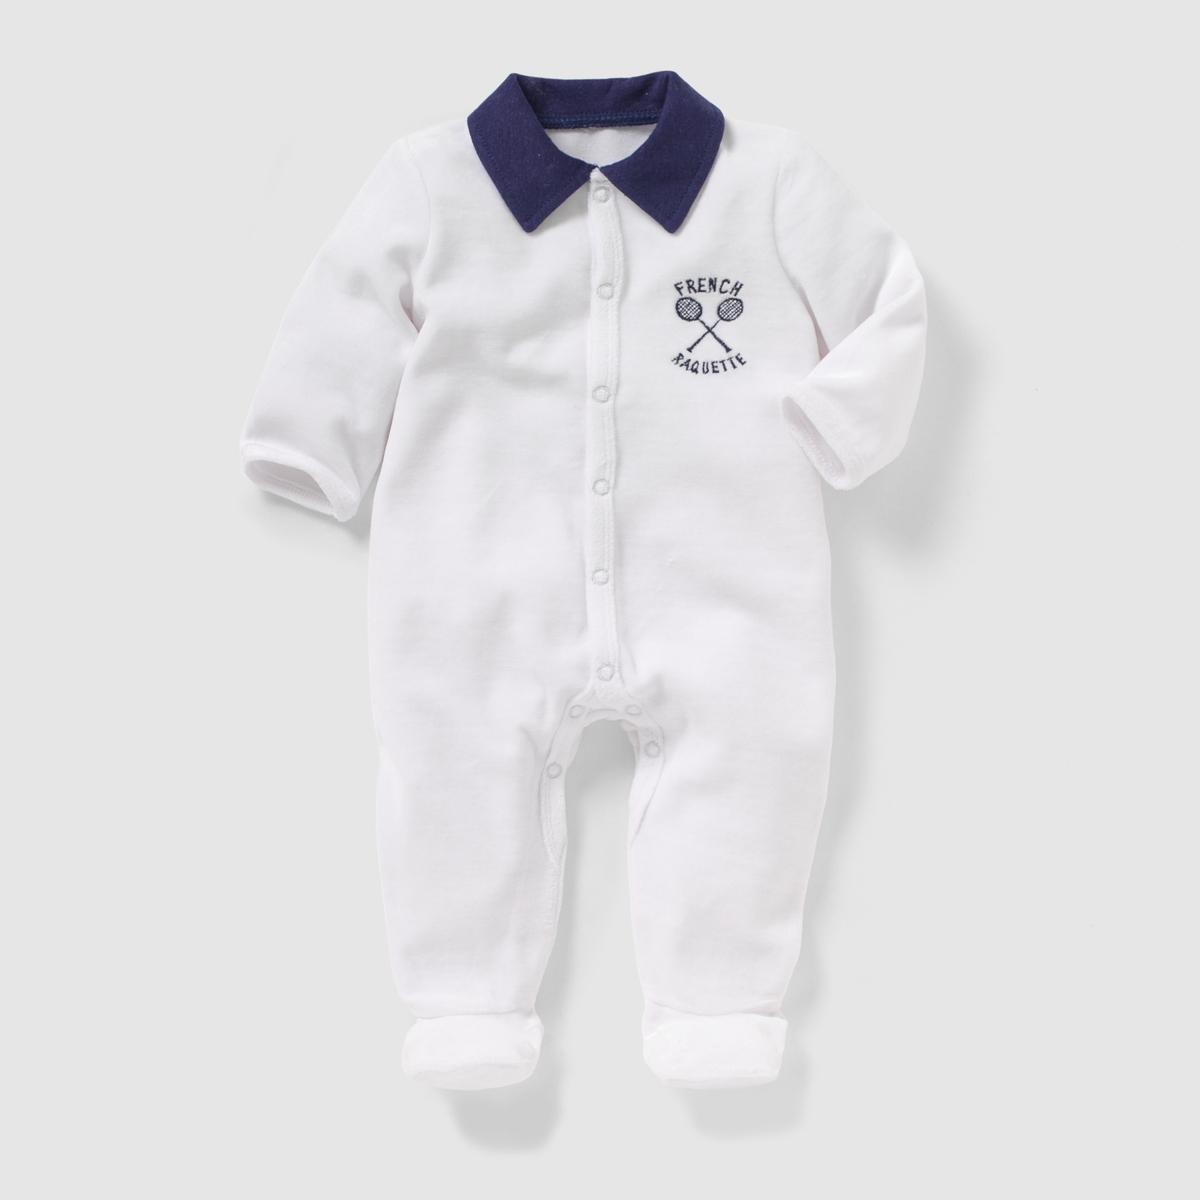 Пижама велюровая с воротником поло, 0 месяцев - 3 года